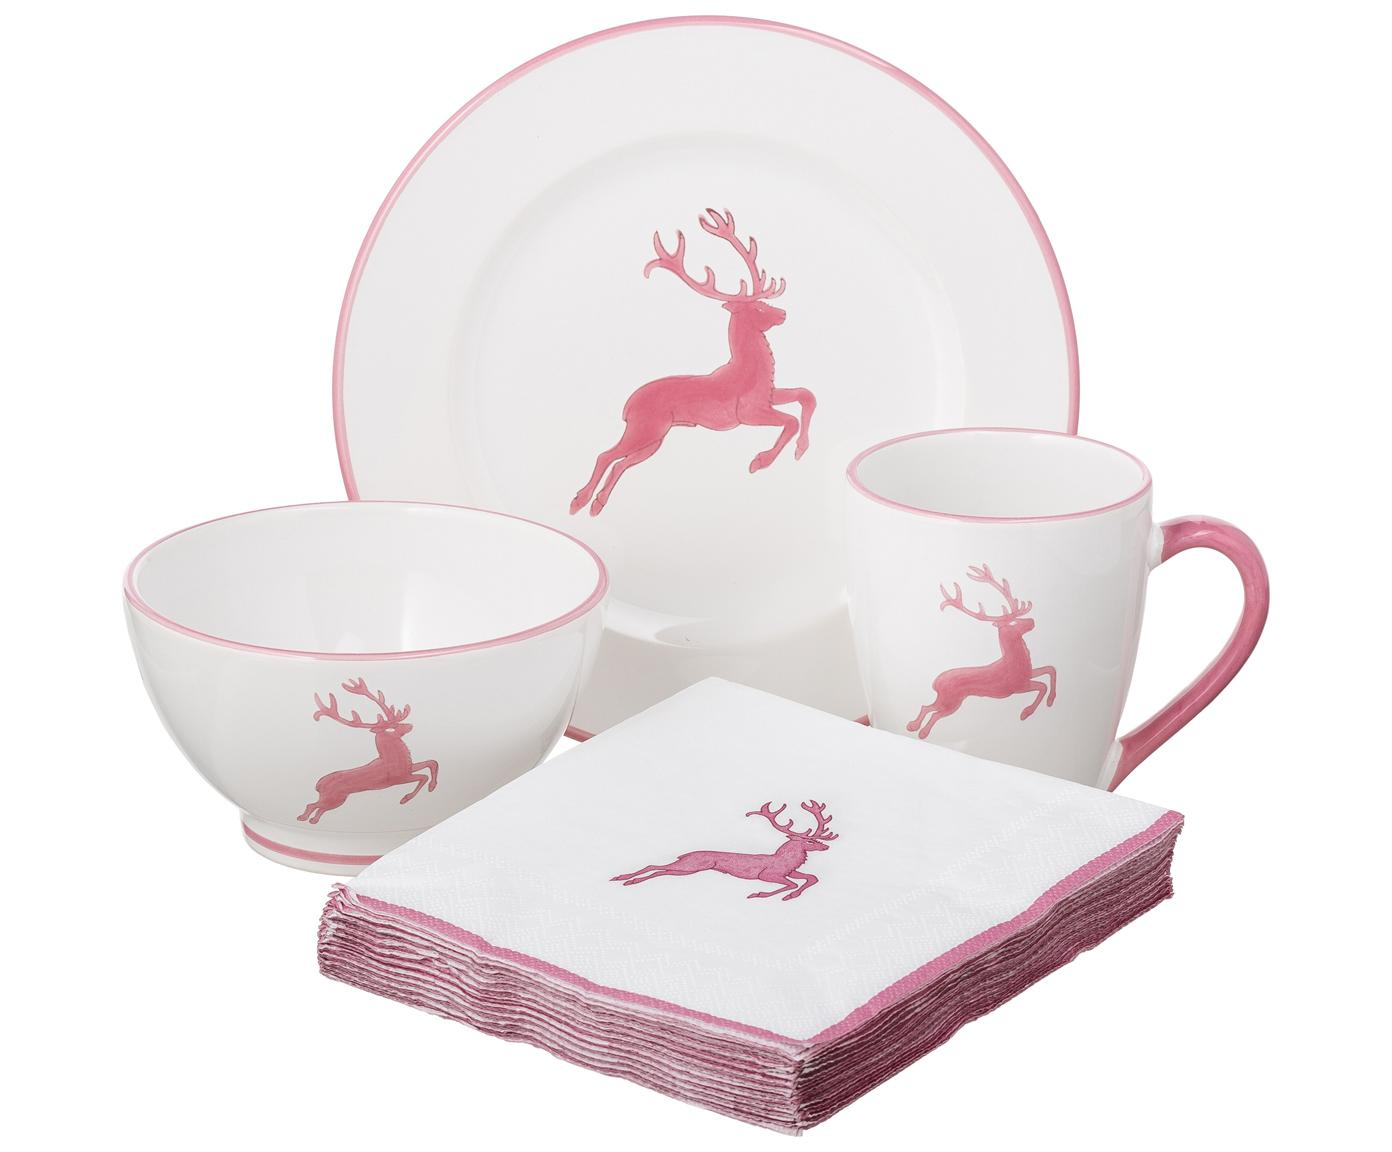 Ontbijtset Rosa Gourmet Deer, 4-delig, Keramiek, Roze, wit, Verschillende formaten